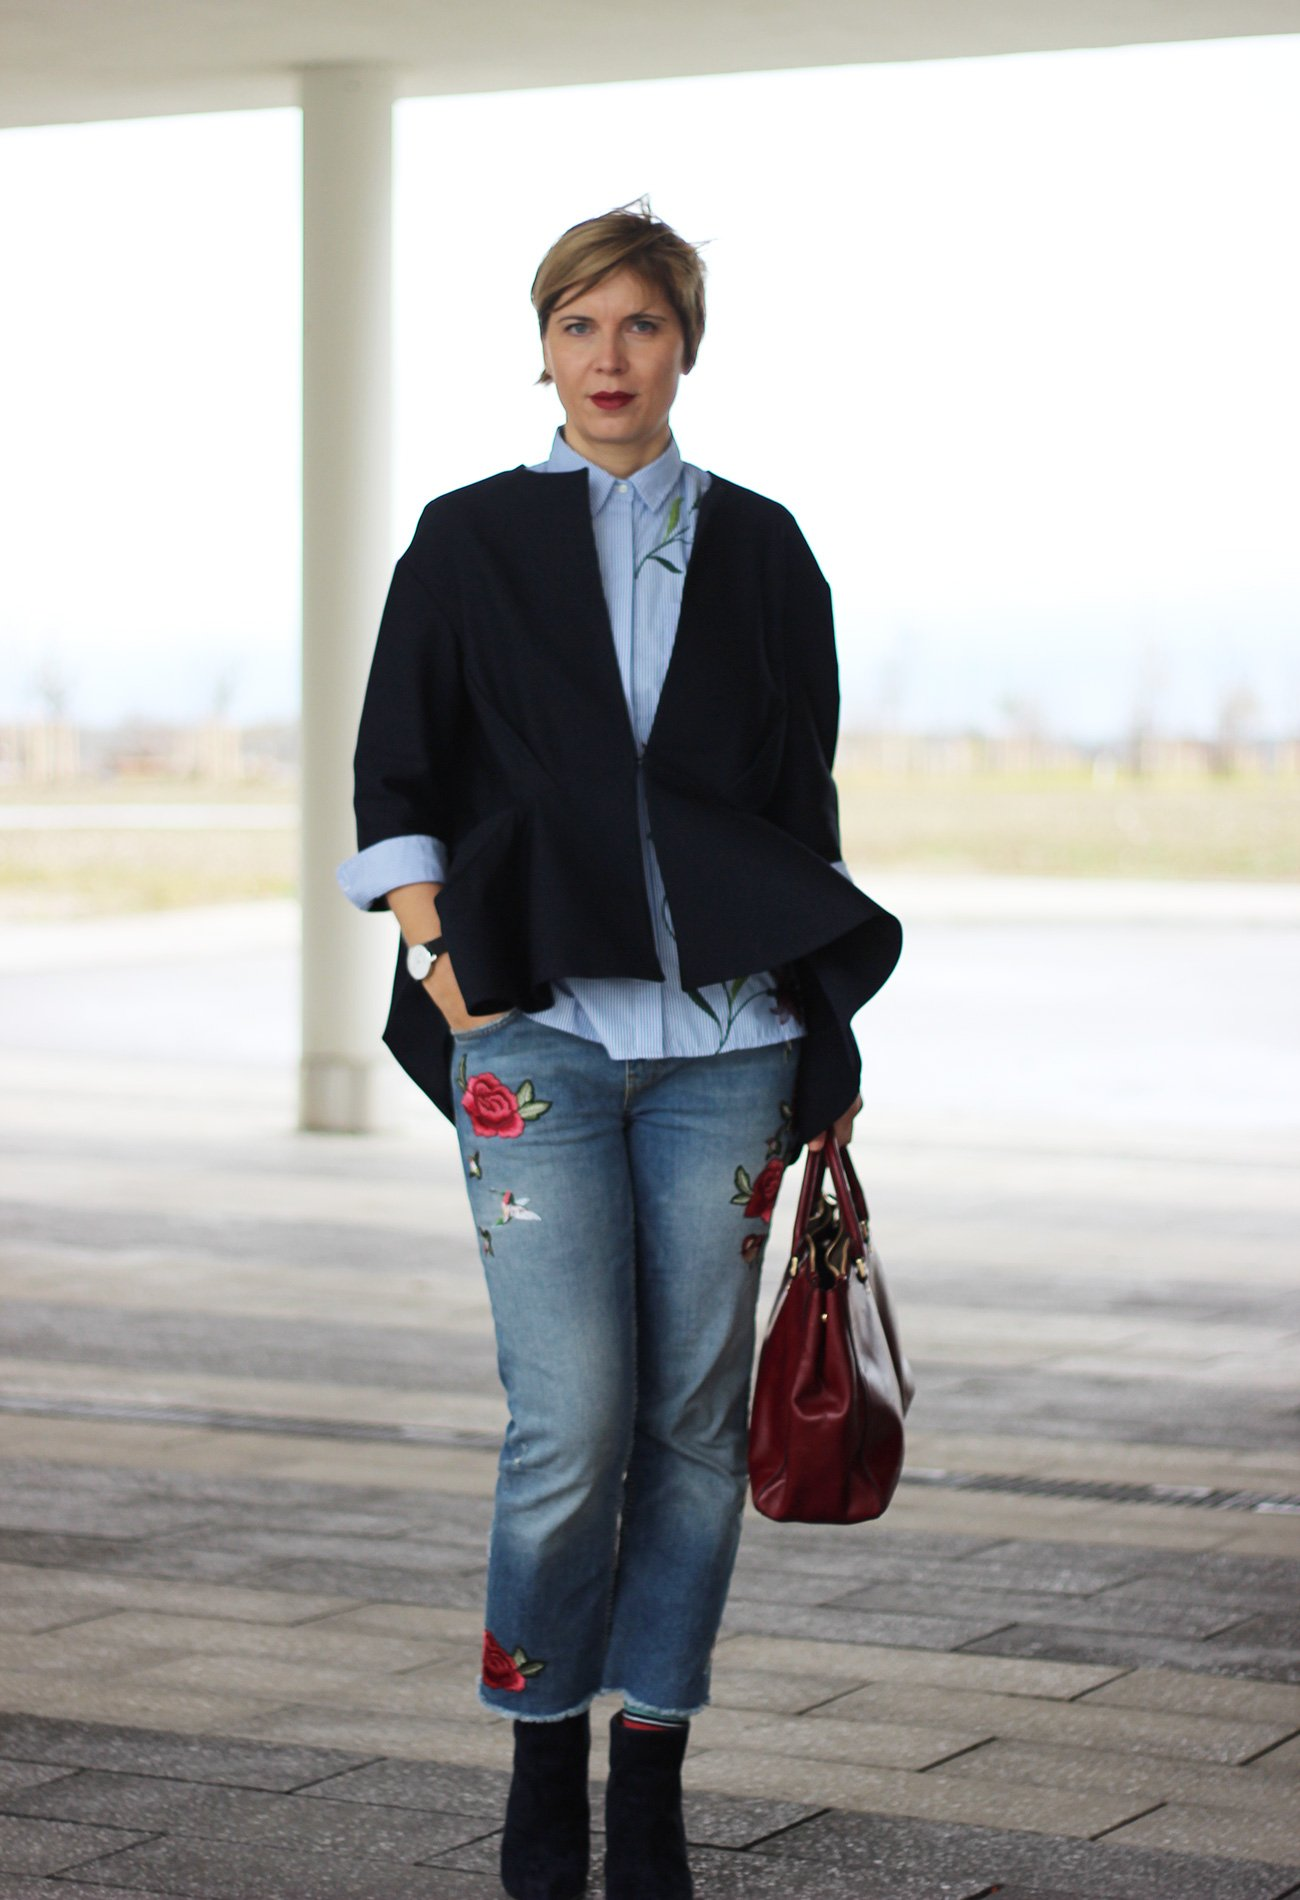 Bluse und Blazer, Kragen, Jeans, bestickt, Michael Kors, Stiefeletten, Conny Doll